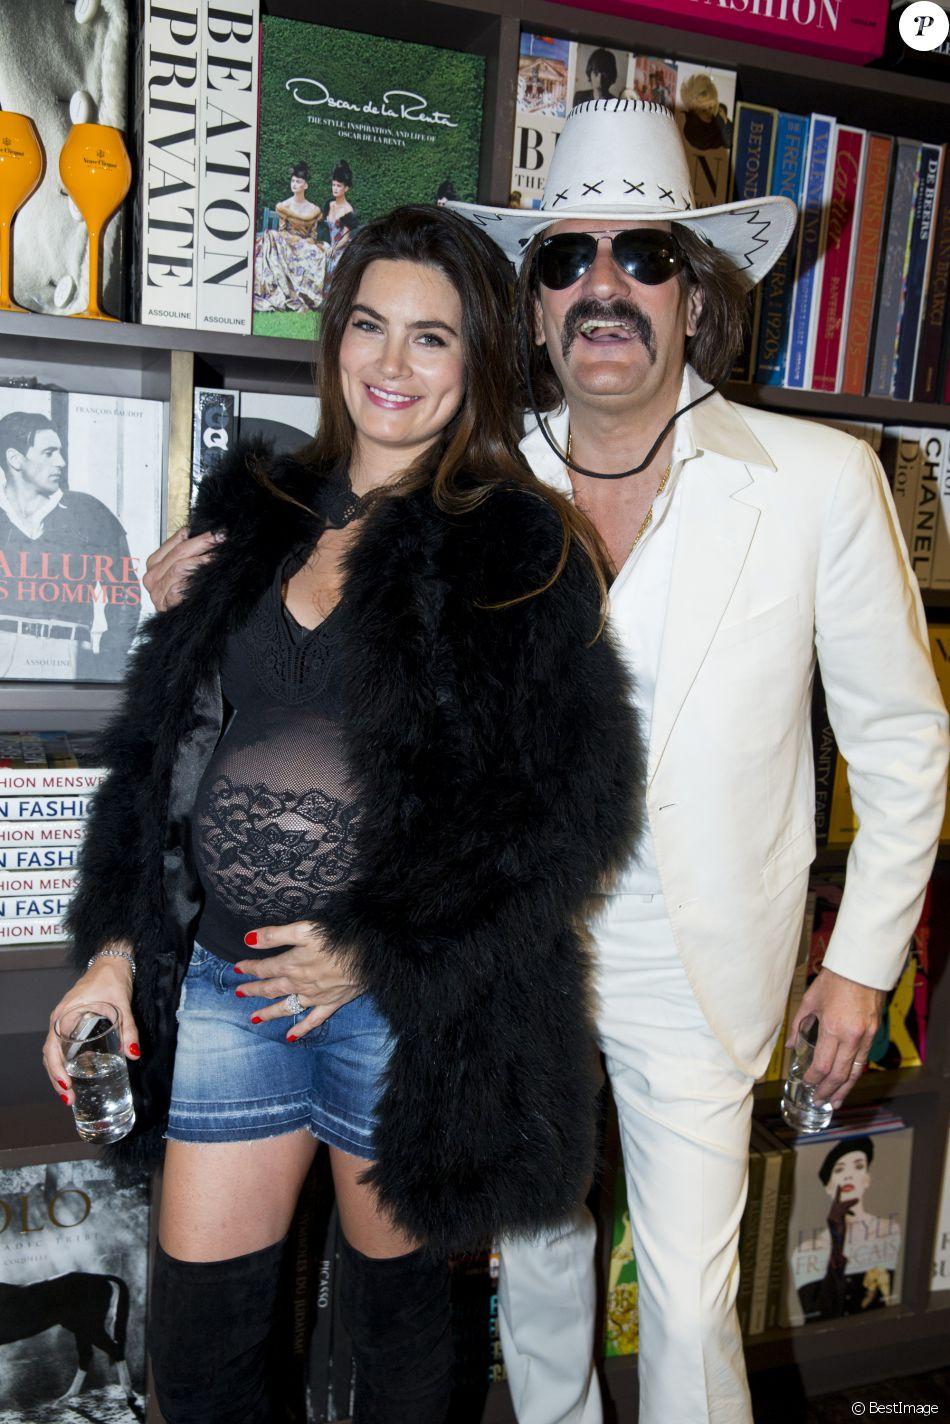 semi exclusif fr d ric beigbeder et sa femme lara micheli enceinte au lancement du livre le. Black Bedroom Furniture Sets. Home Design Ideas